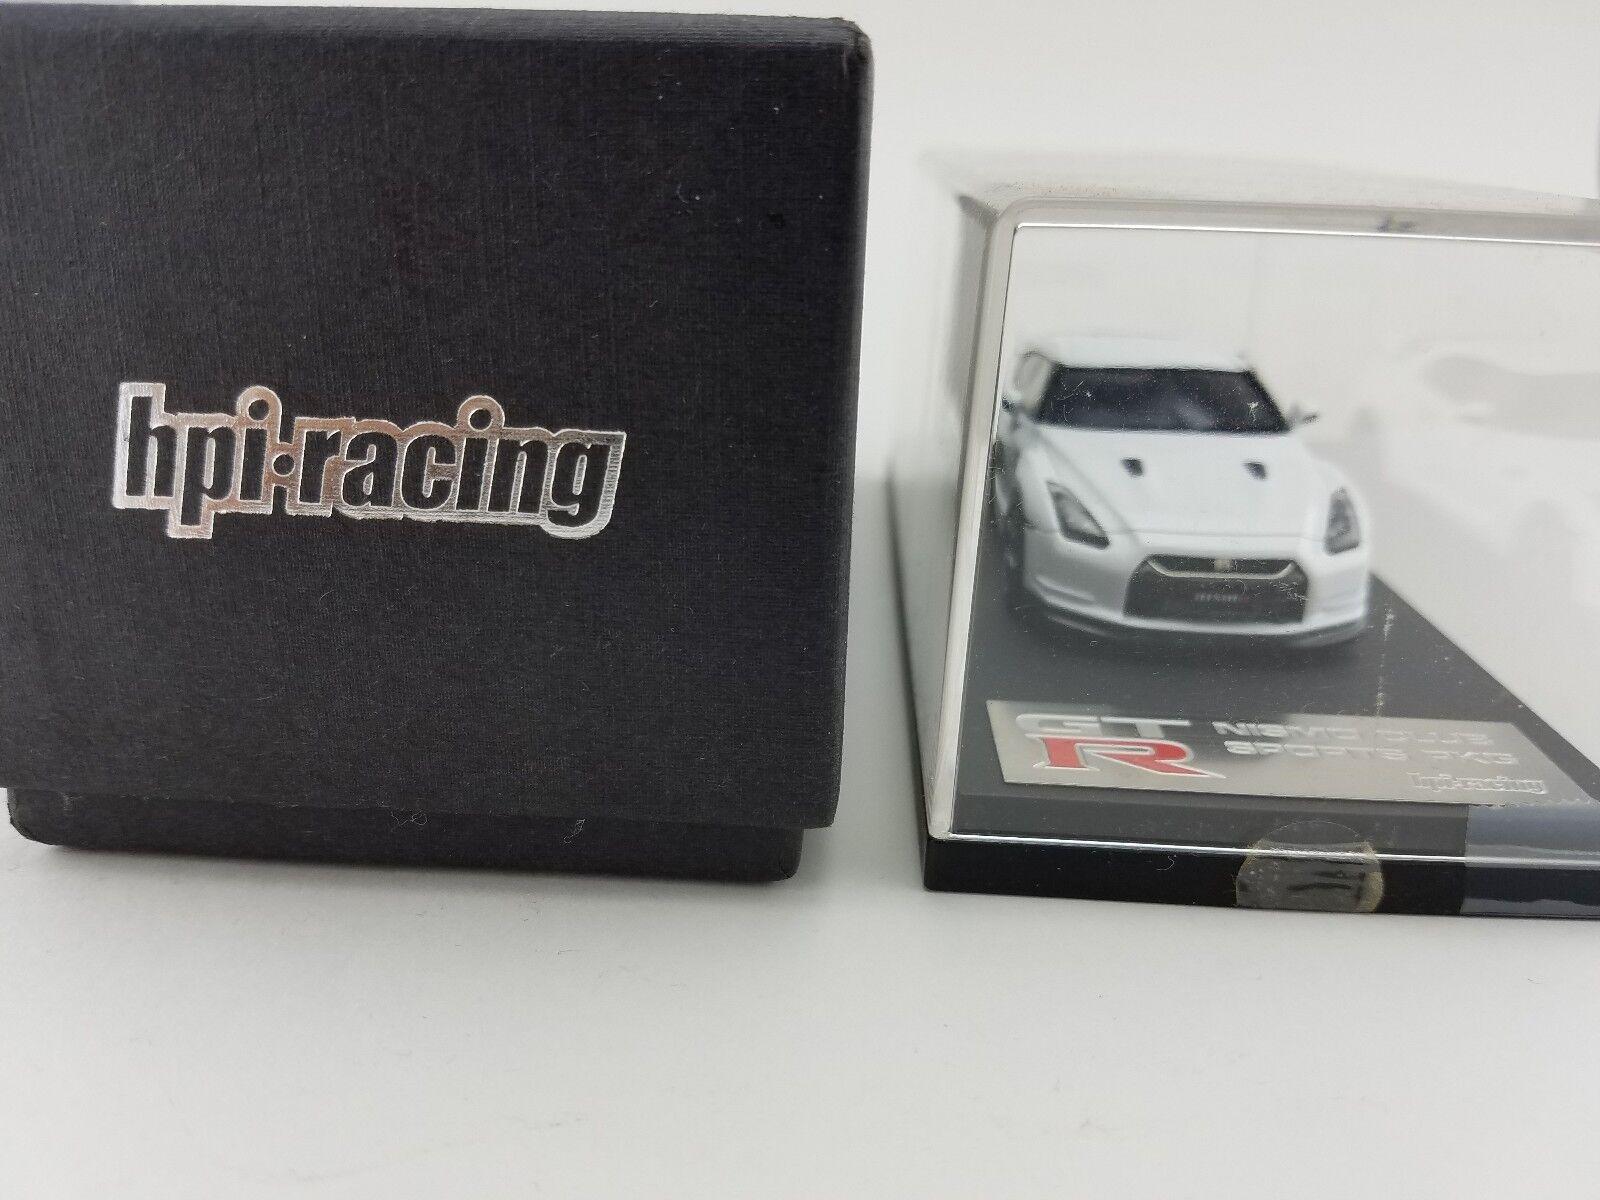 1 43 HPI Nissan GTR NISMO NISMO NISMO RARE BBR MR AMR Le Phoenix Yow Modellini 4c8a9d